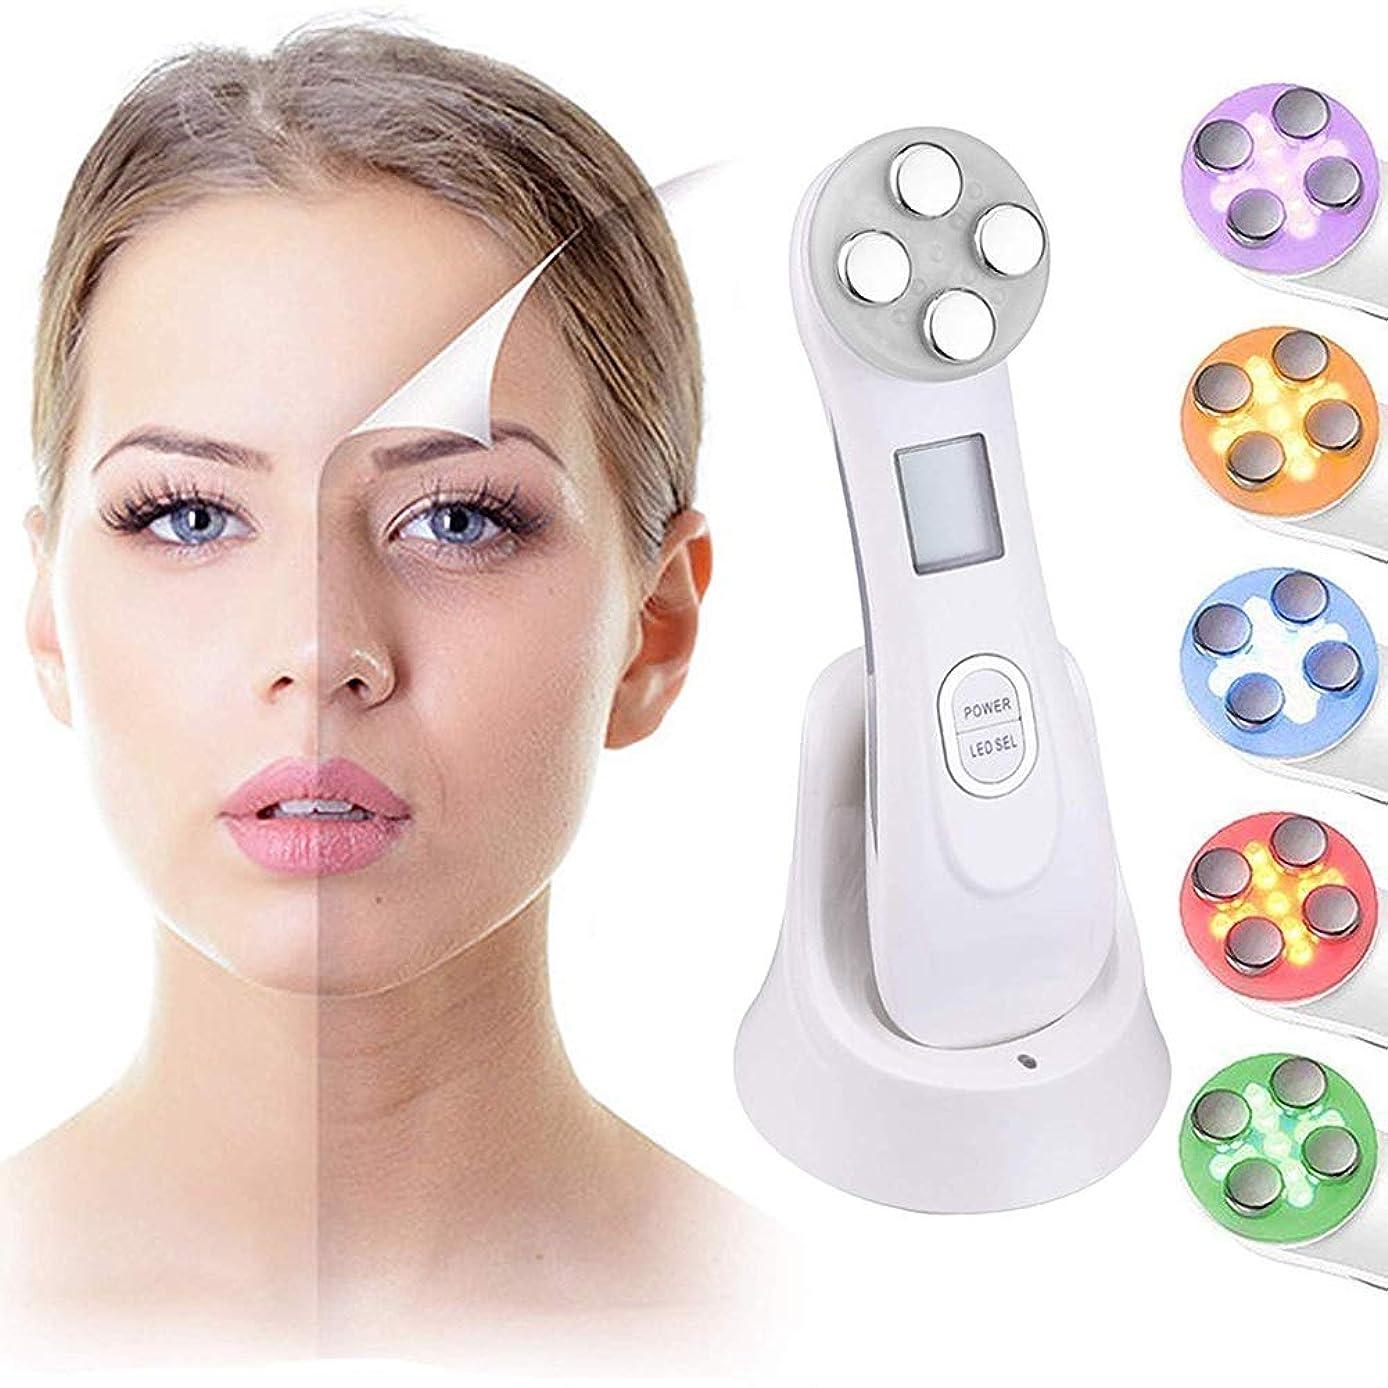 黒板平均惑星スキンケアRF美容機、LEDライトセラピーアンチエイジング肌の若返り肌の引き締め機、無線周波数フェイスリフトマシーンはしわによって傷つけられた肌の外観を改善します